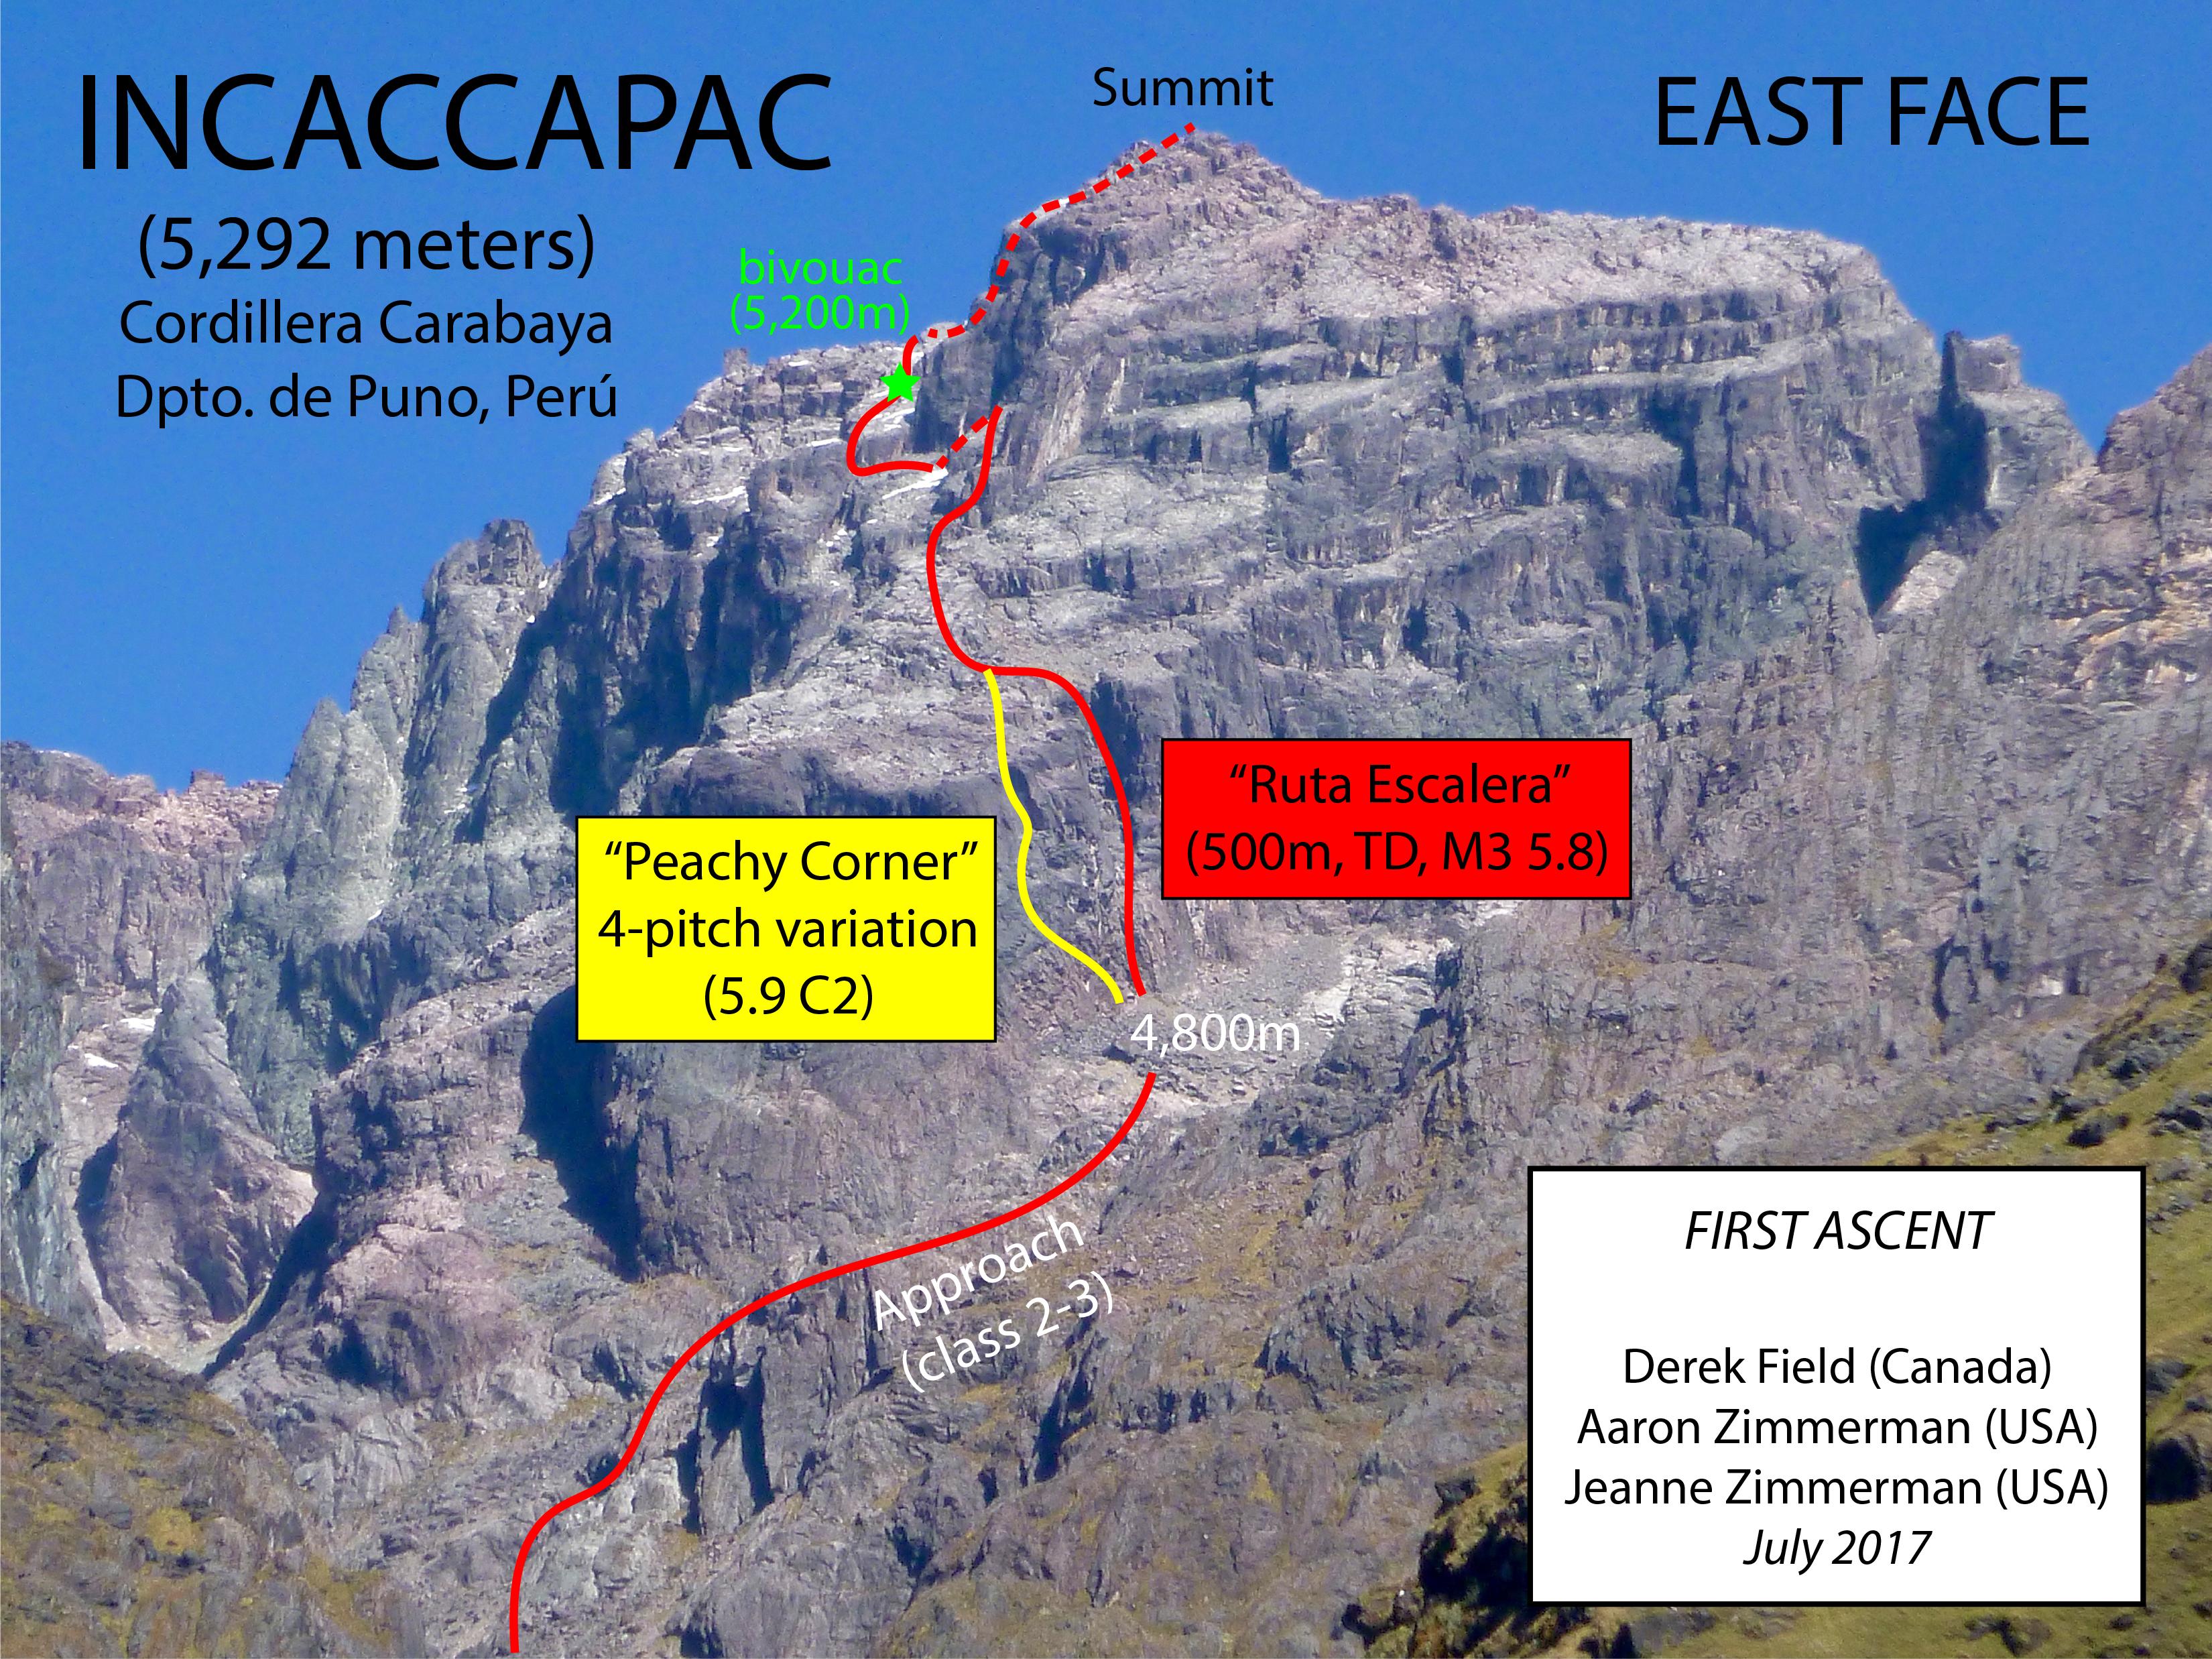 Route topo for the Ruta Escalera on Incaccapac.